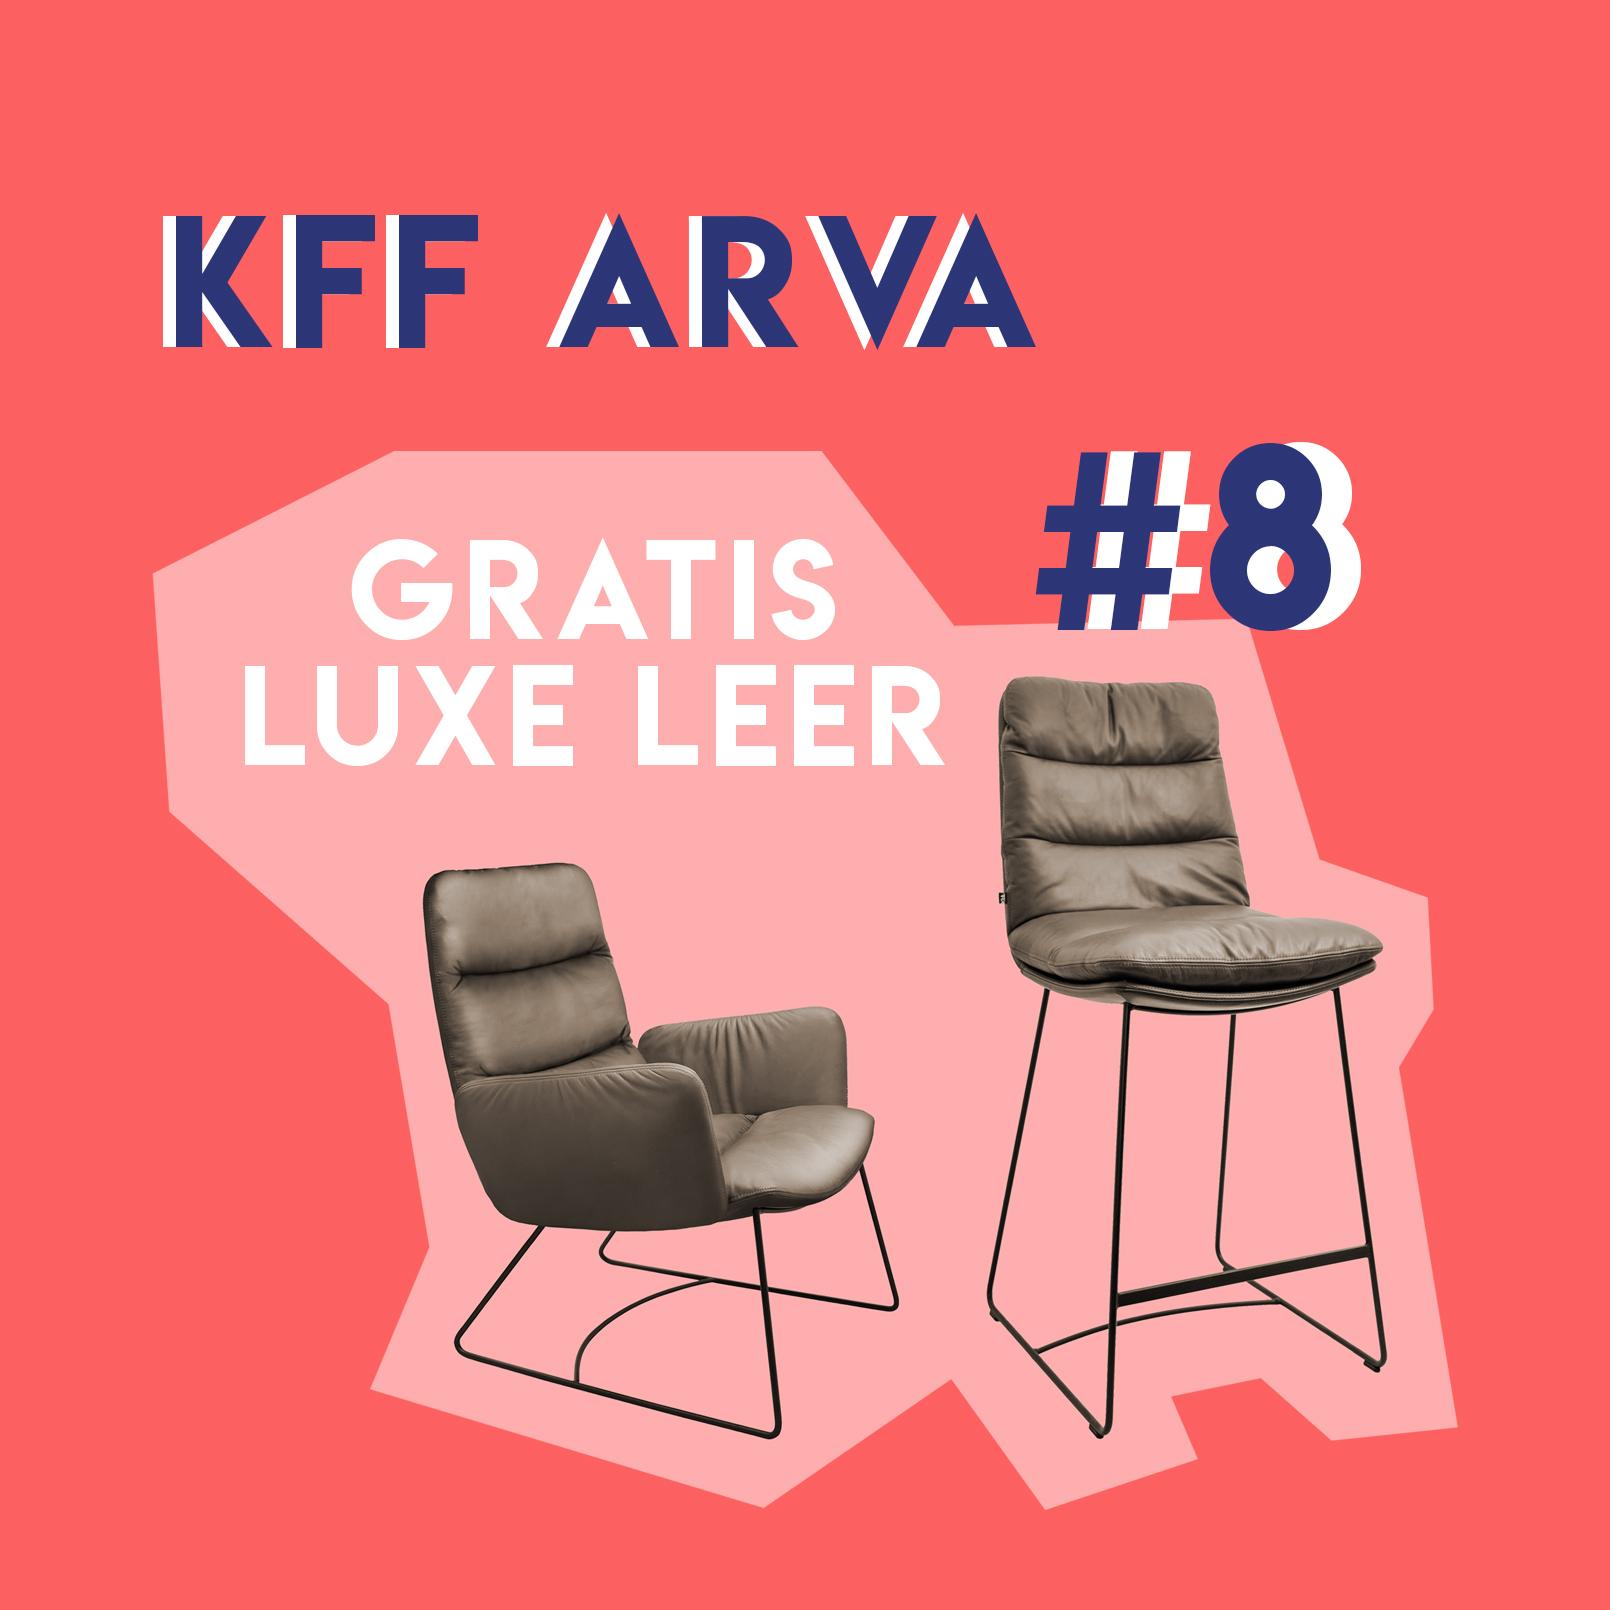 Arva fauteuil en barstoel van KFF